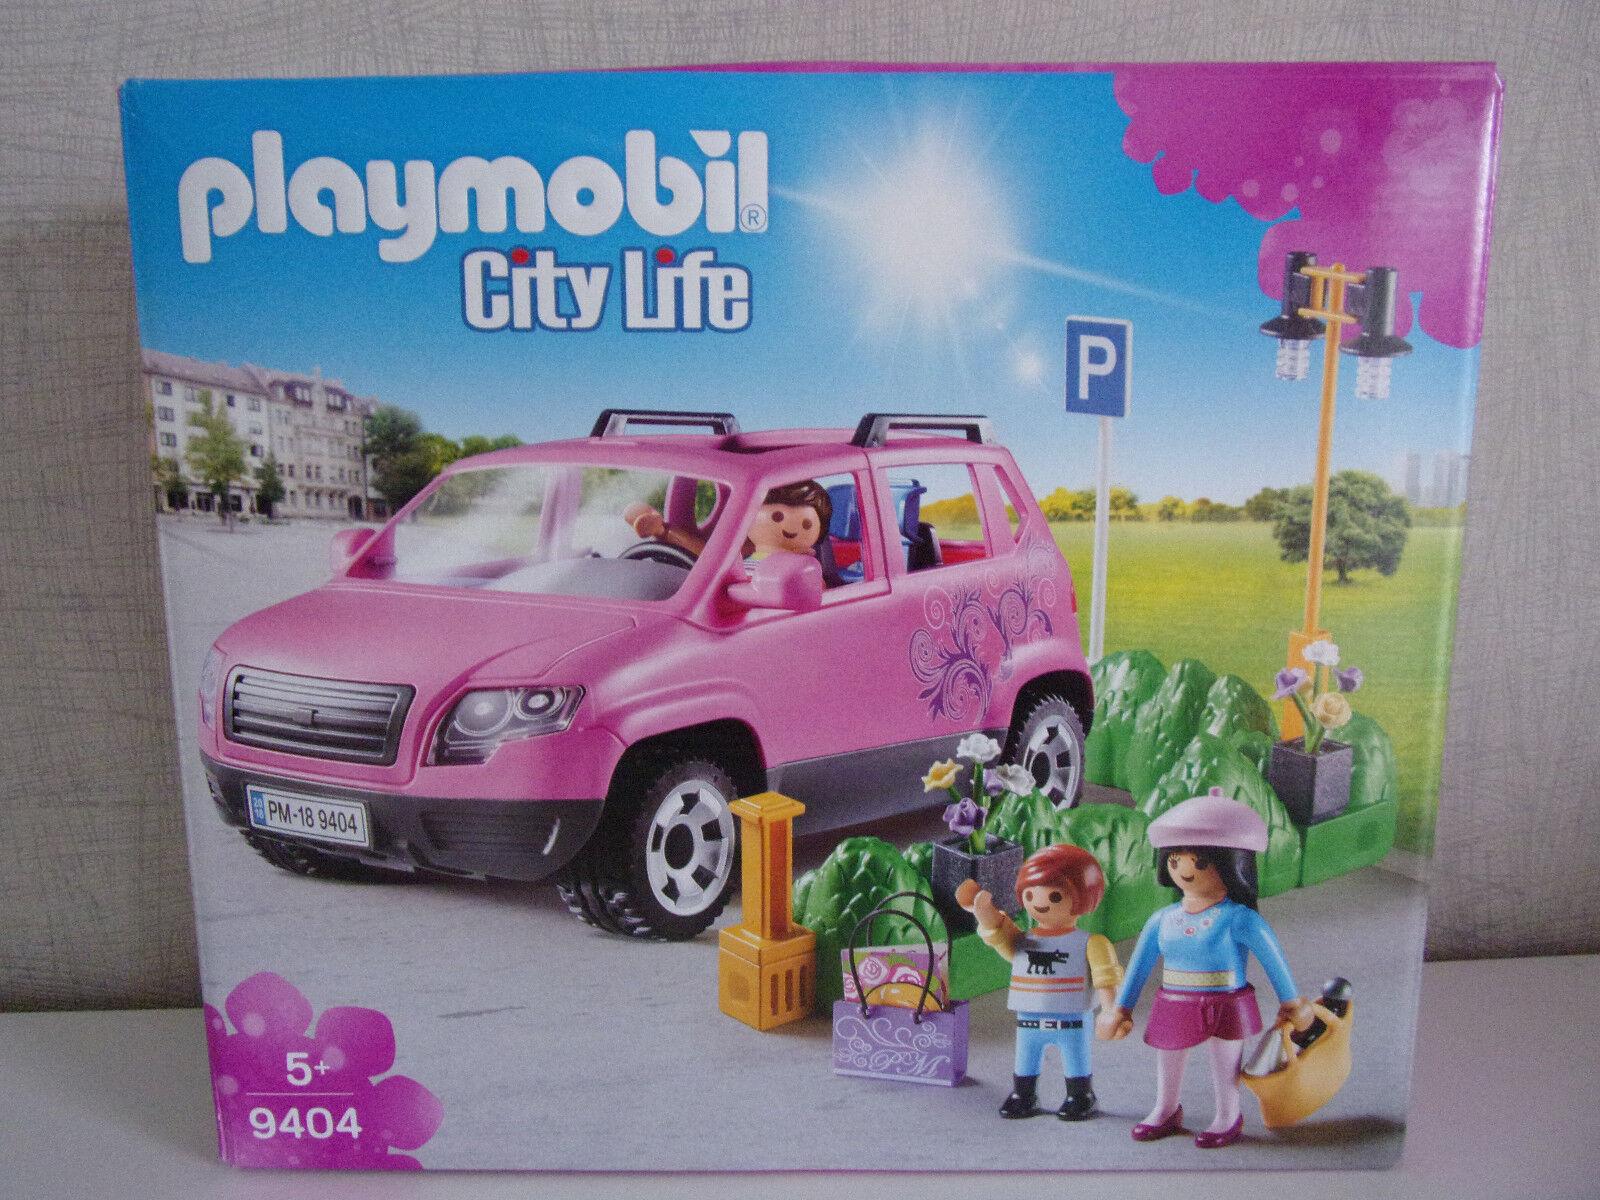 Playmobil City Life 9404 Familien-Pkw avec Parkbucht - Neuf et Emballage